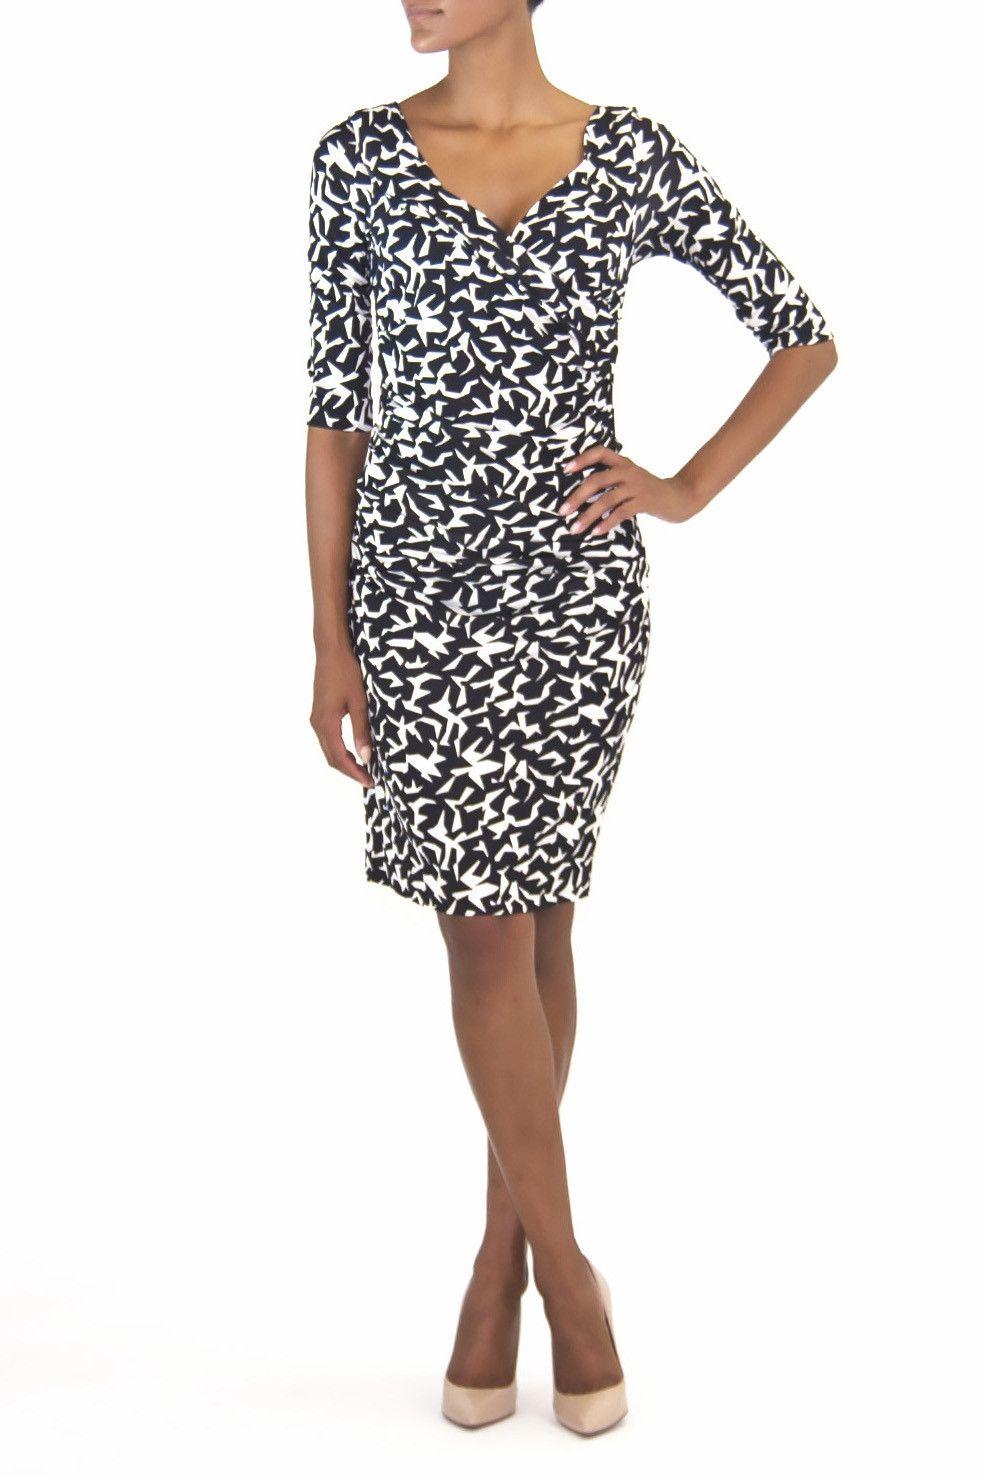 Diane Von Furstenberg Bentley dress  Black u White  Pinterest